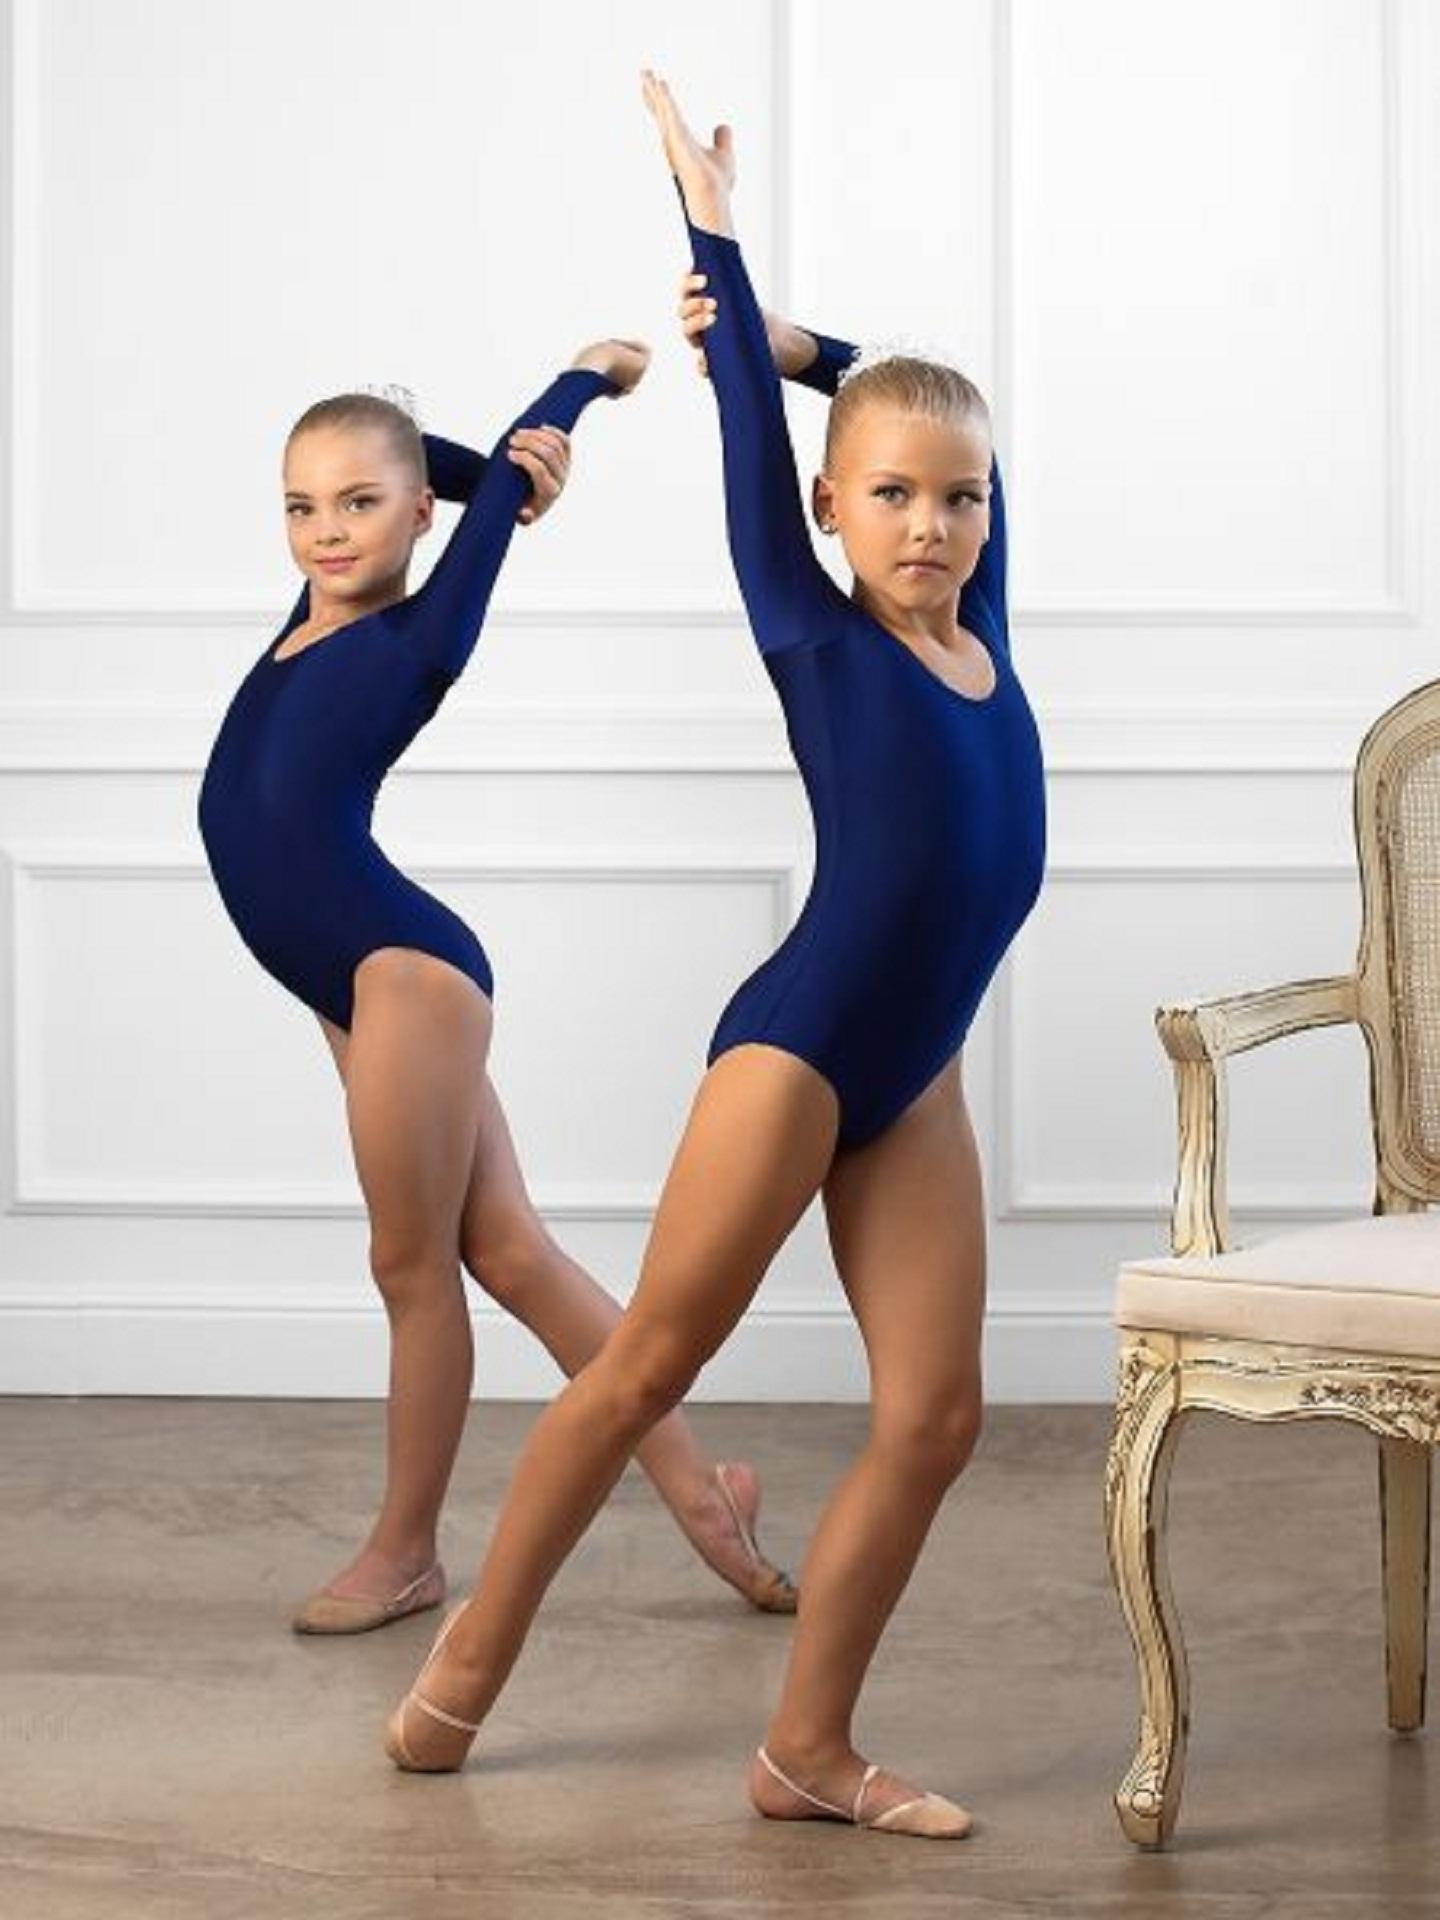 Фото модель гимнастки 18 фотография